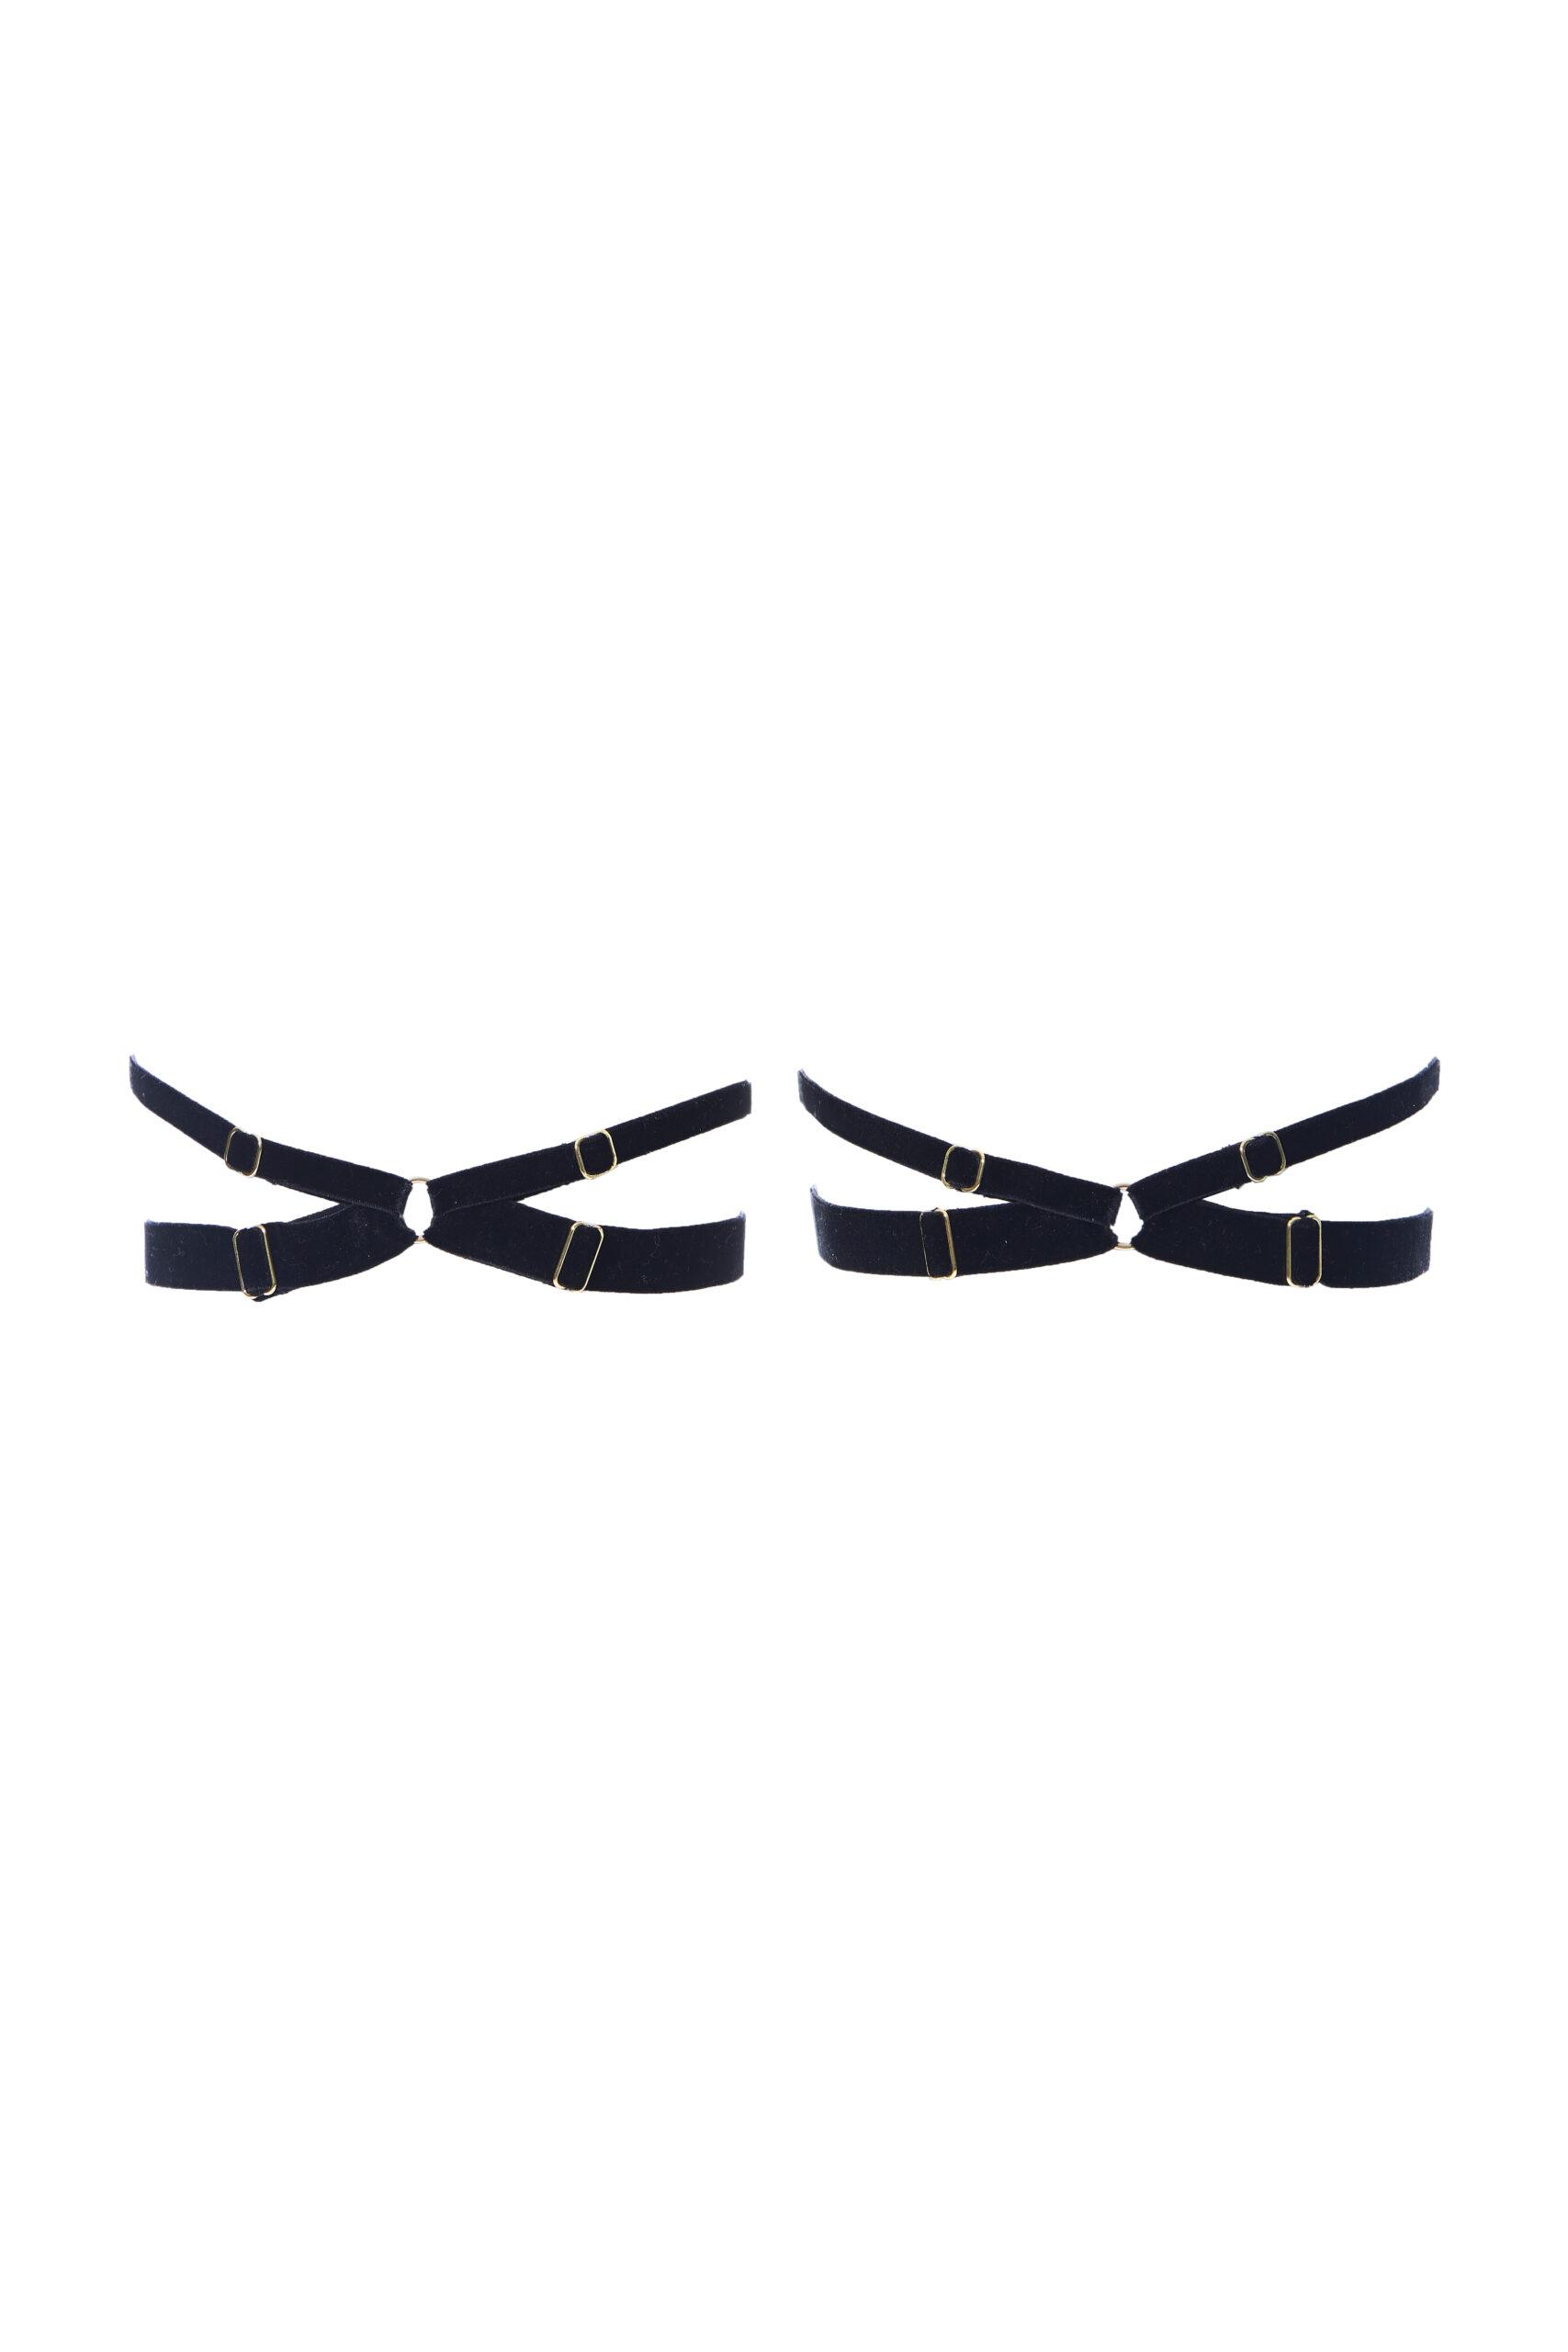 SOPHIE Black Harness Garter